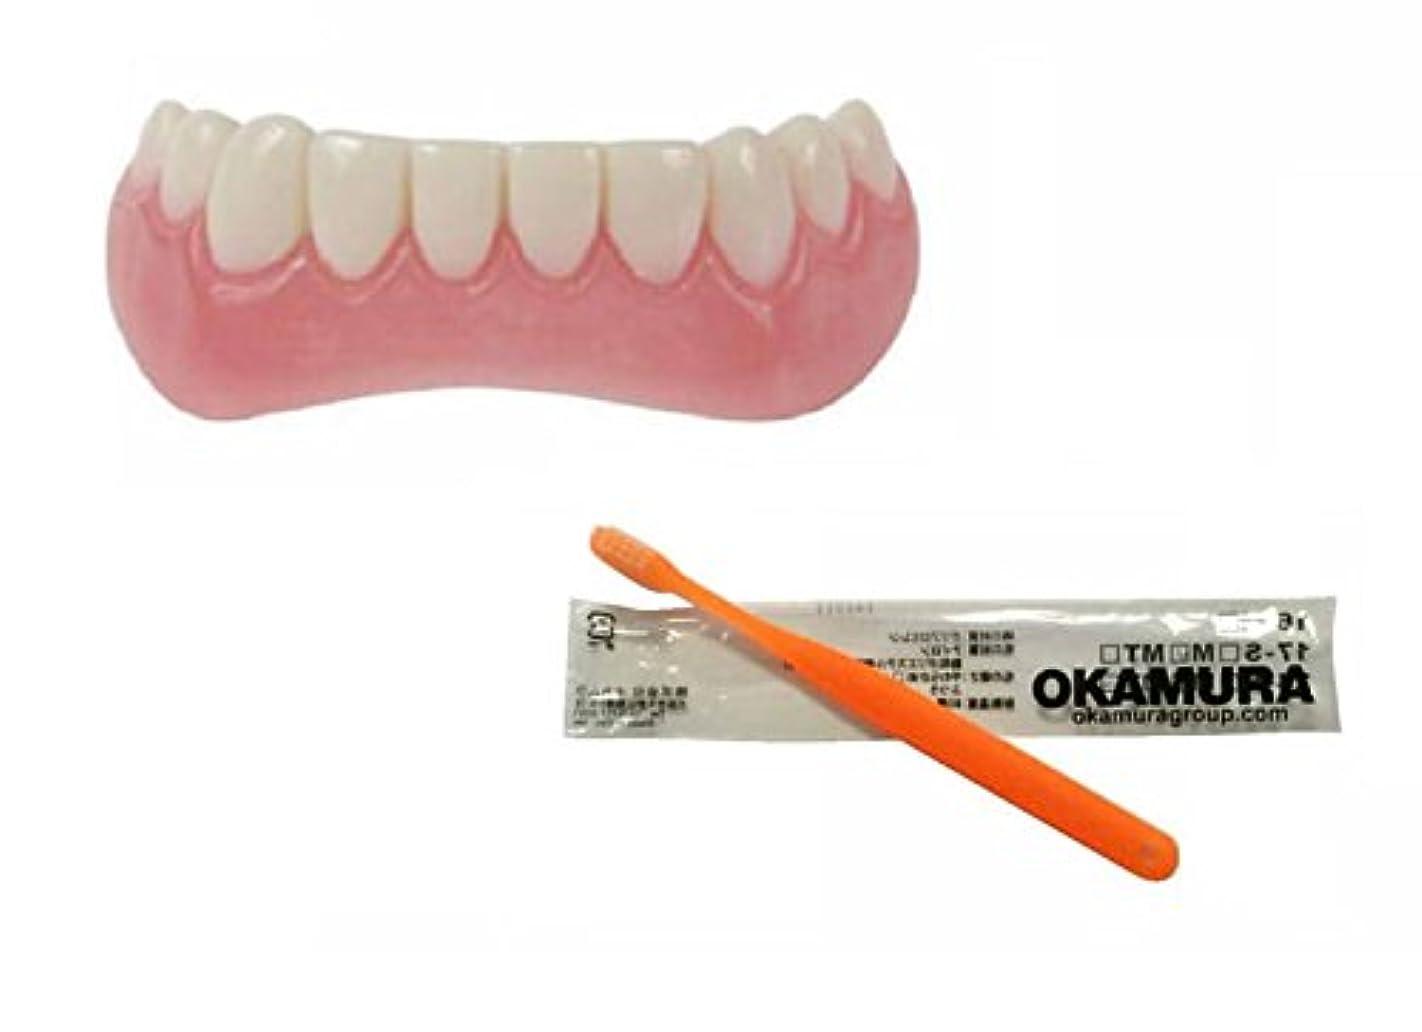 価値のないテラスマニュアルインスタントスマイル 下歯用 フリーサイズ + OKAMURA 歯科医推奨歯ブラシ セット